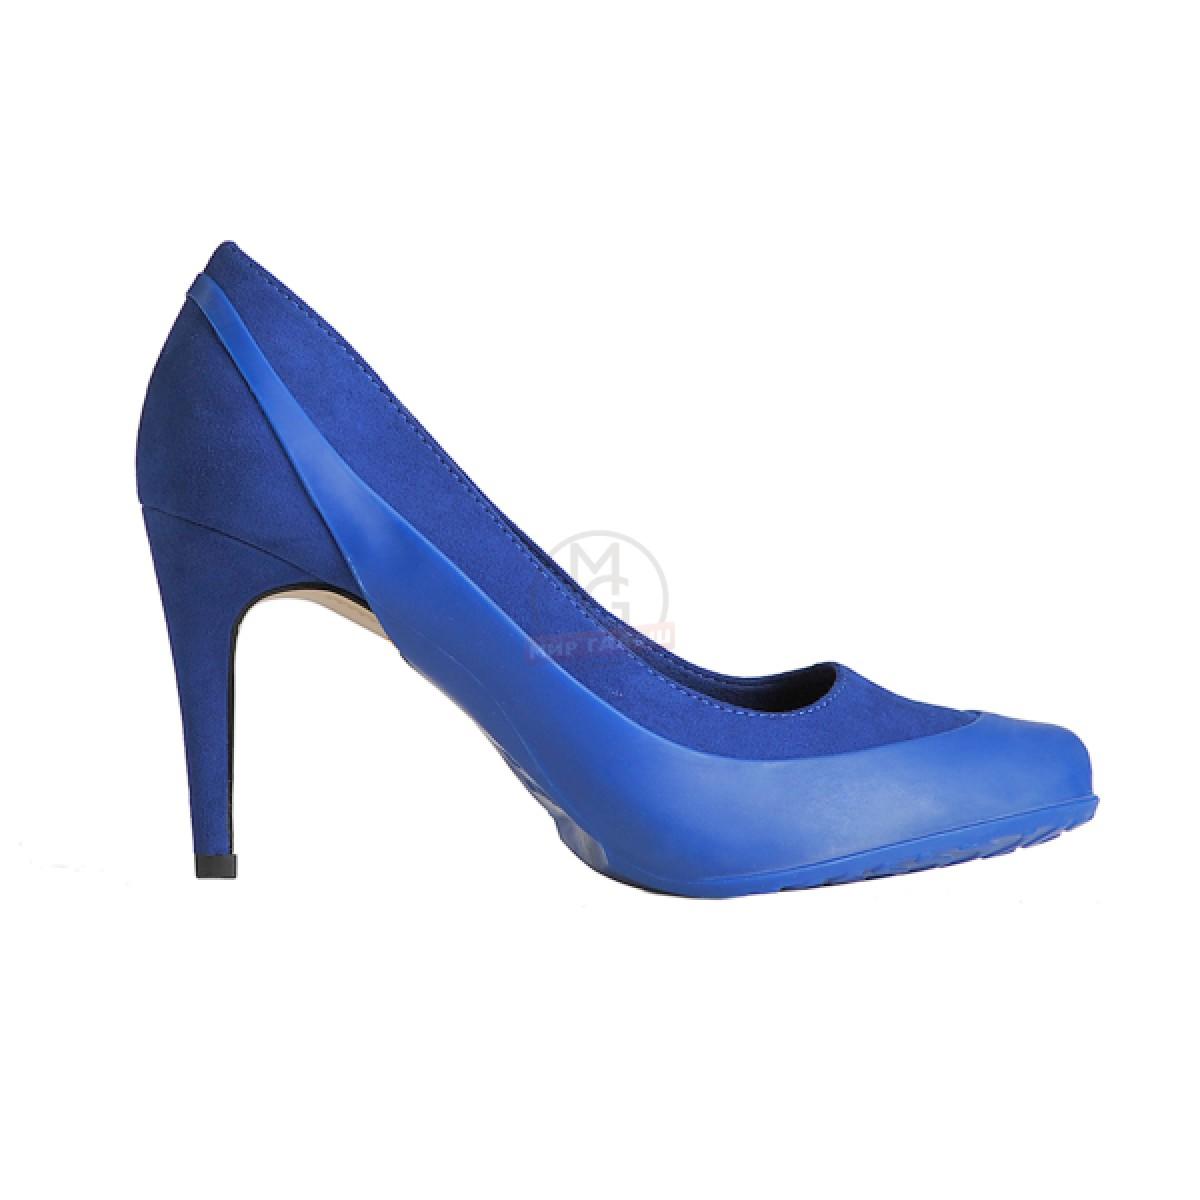 Женские галоши открытого типа под каблук, темно-синие